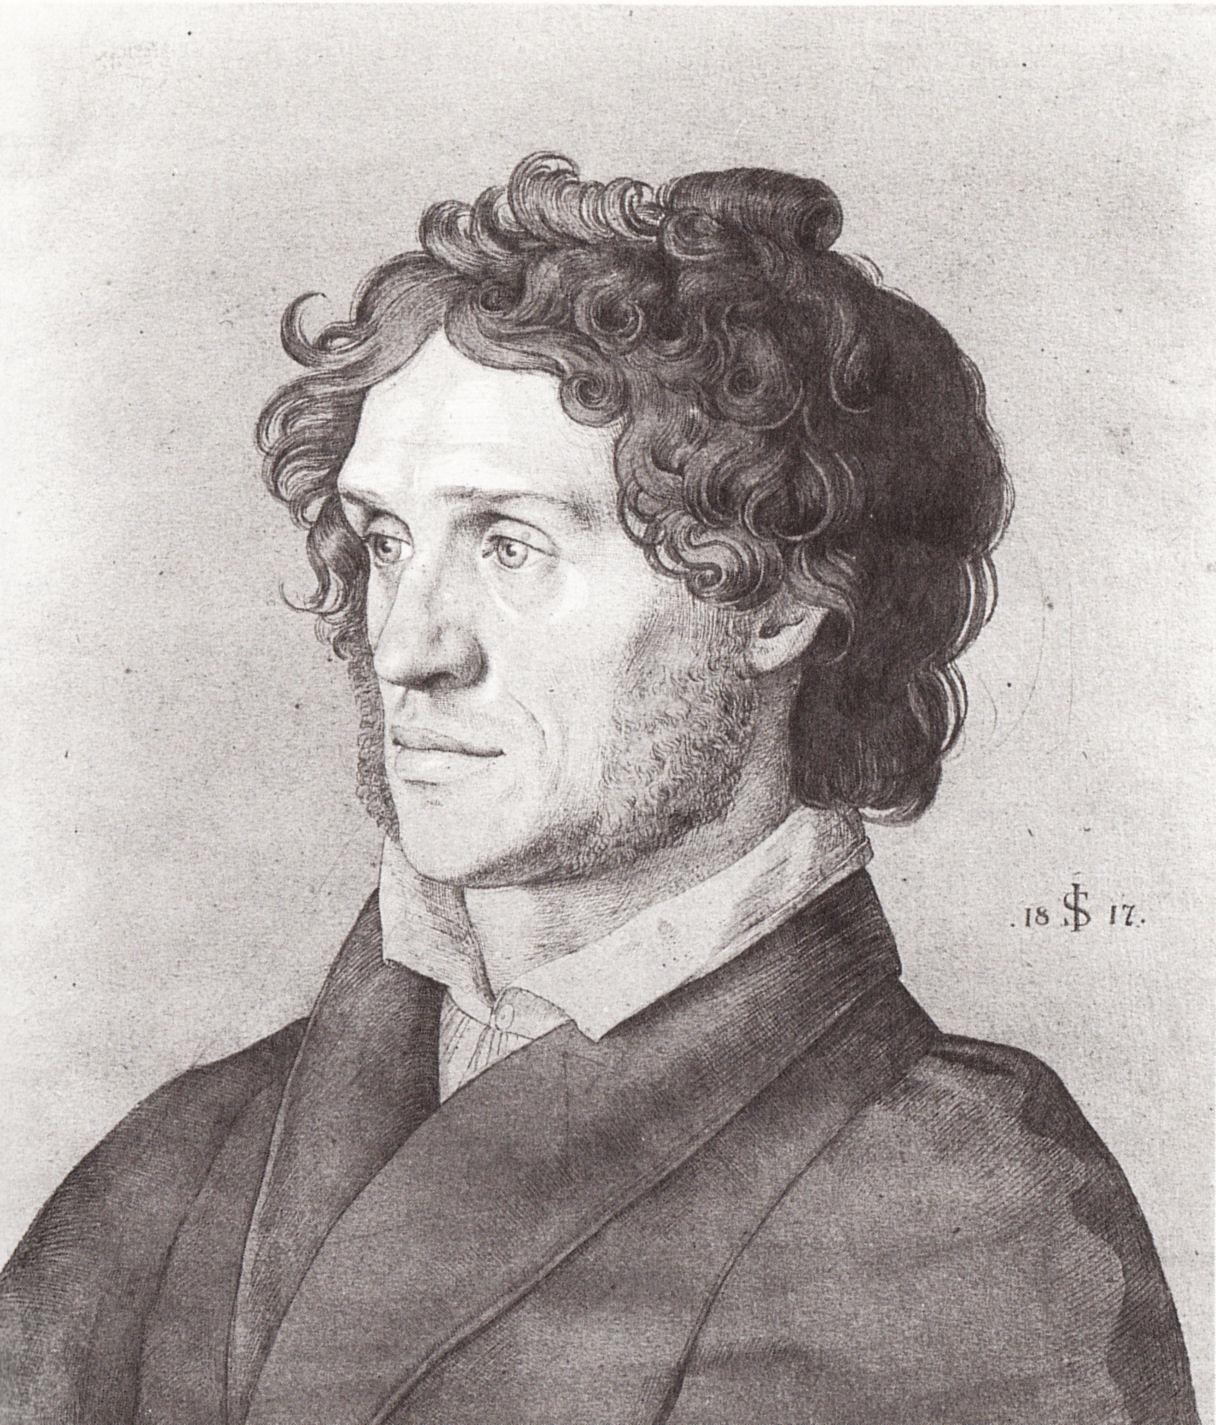 Julius Schnorr Von Carolsfeld Drawings File:julius Schnorr Von